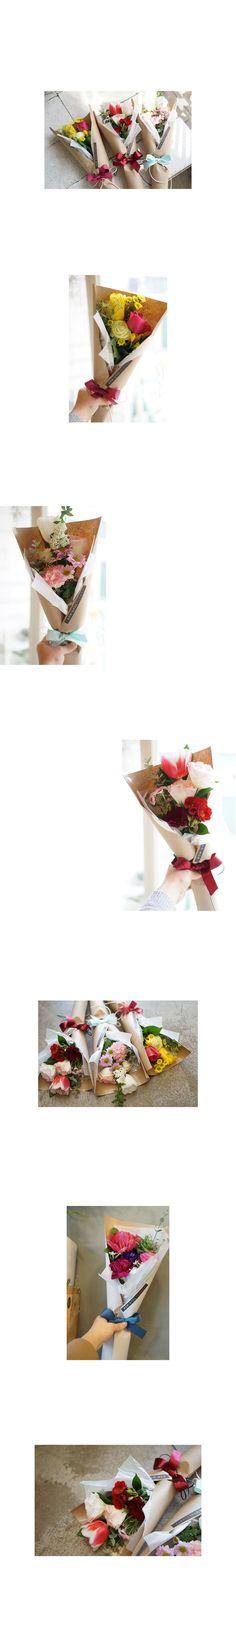 1-186) 미니미니 꽃다발 / 부산꽃집 프로포즈꽃다발 당일꽃다발 당일꽃배달 동래구꽃집